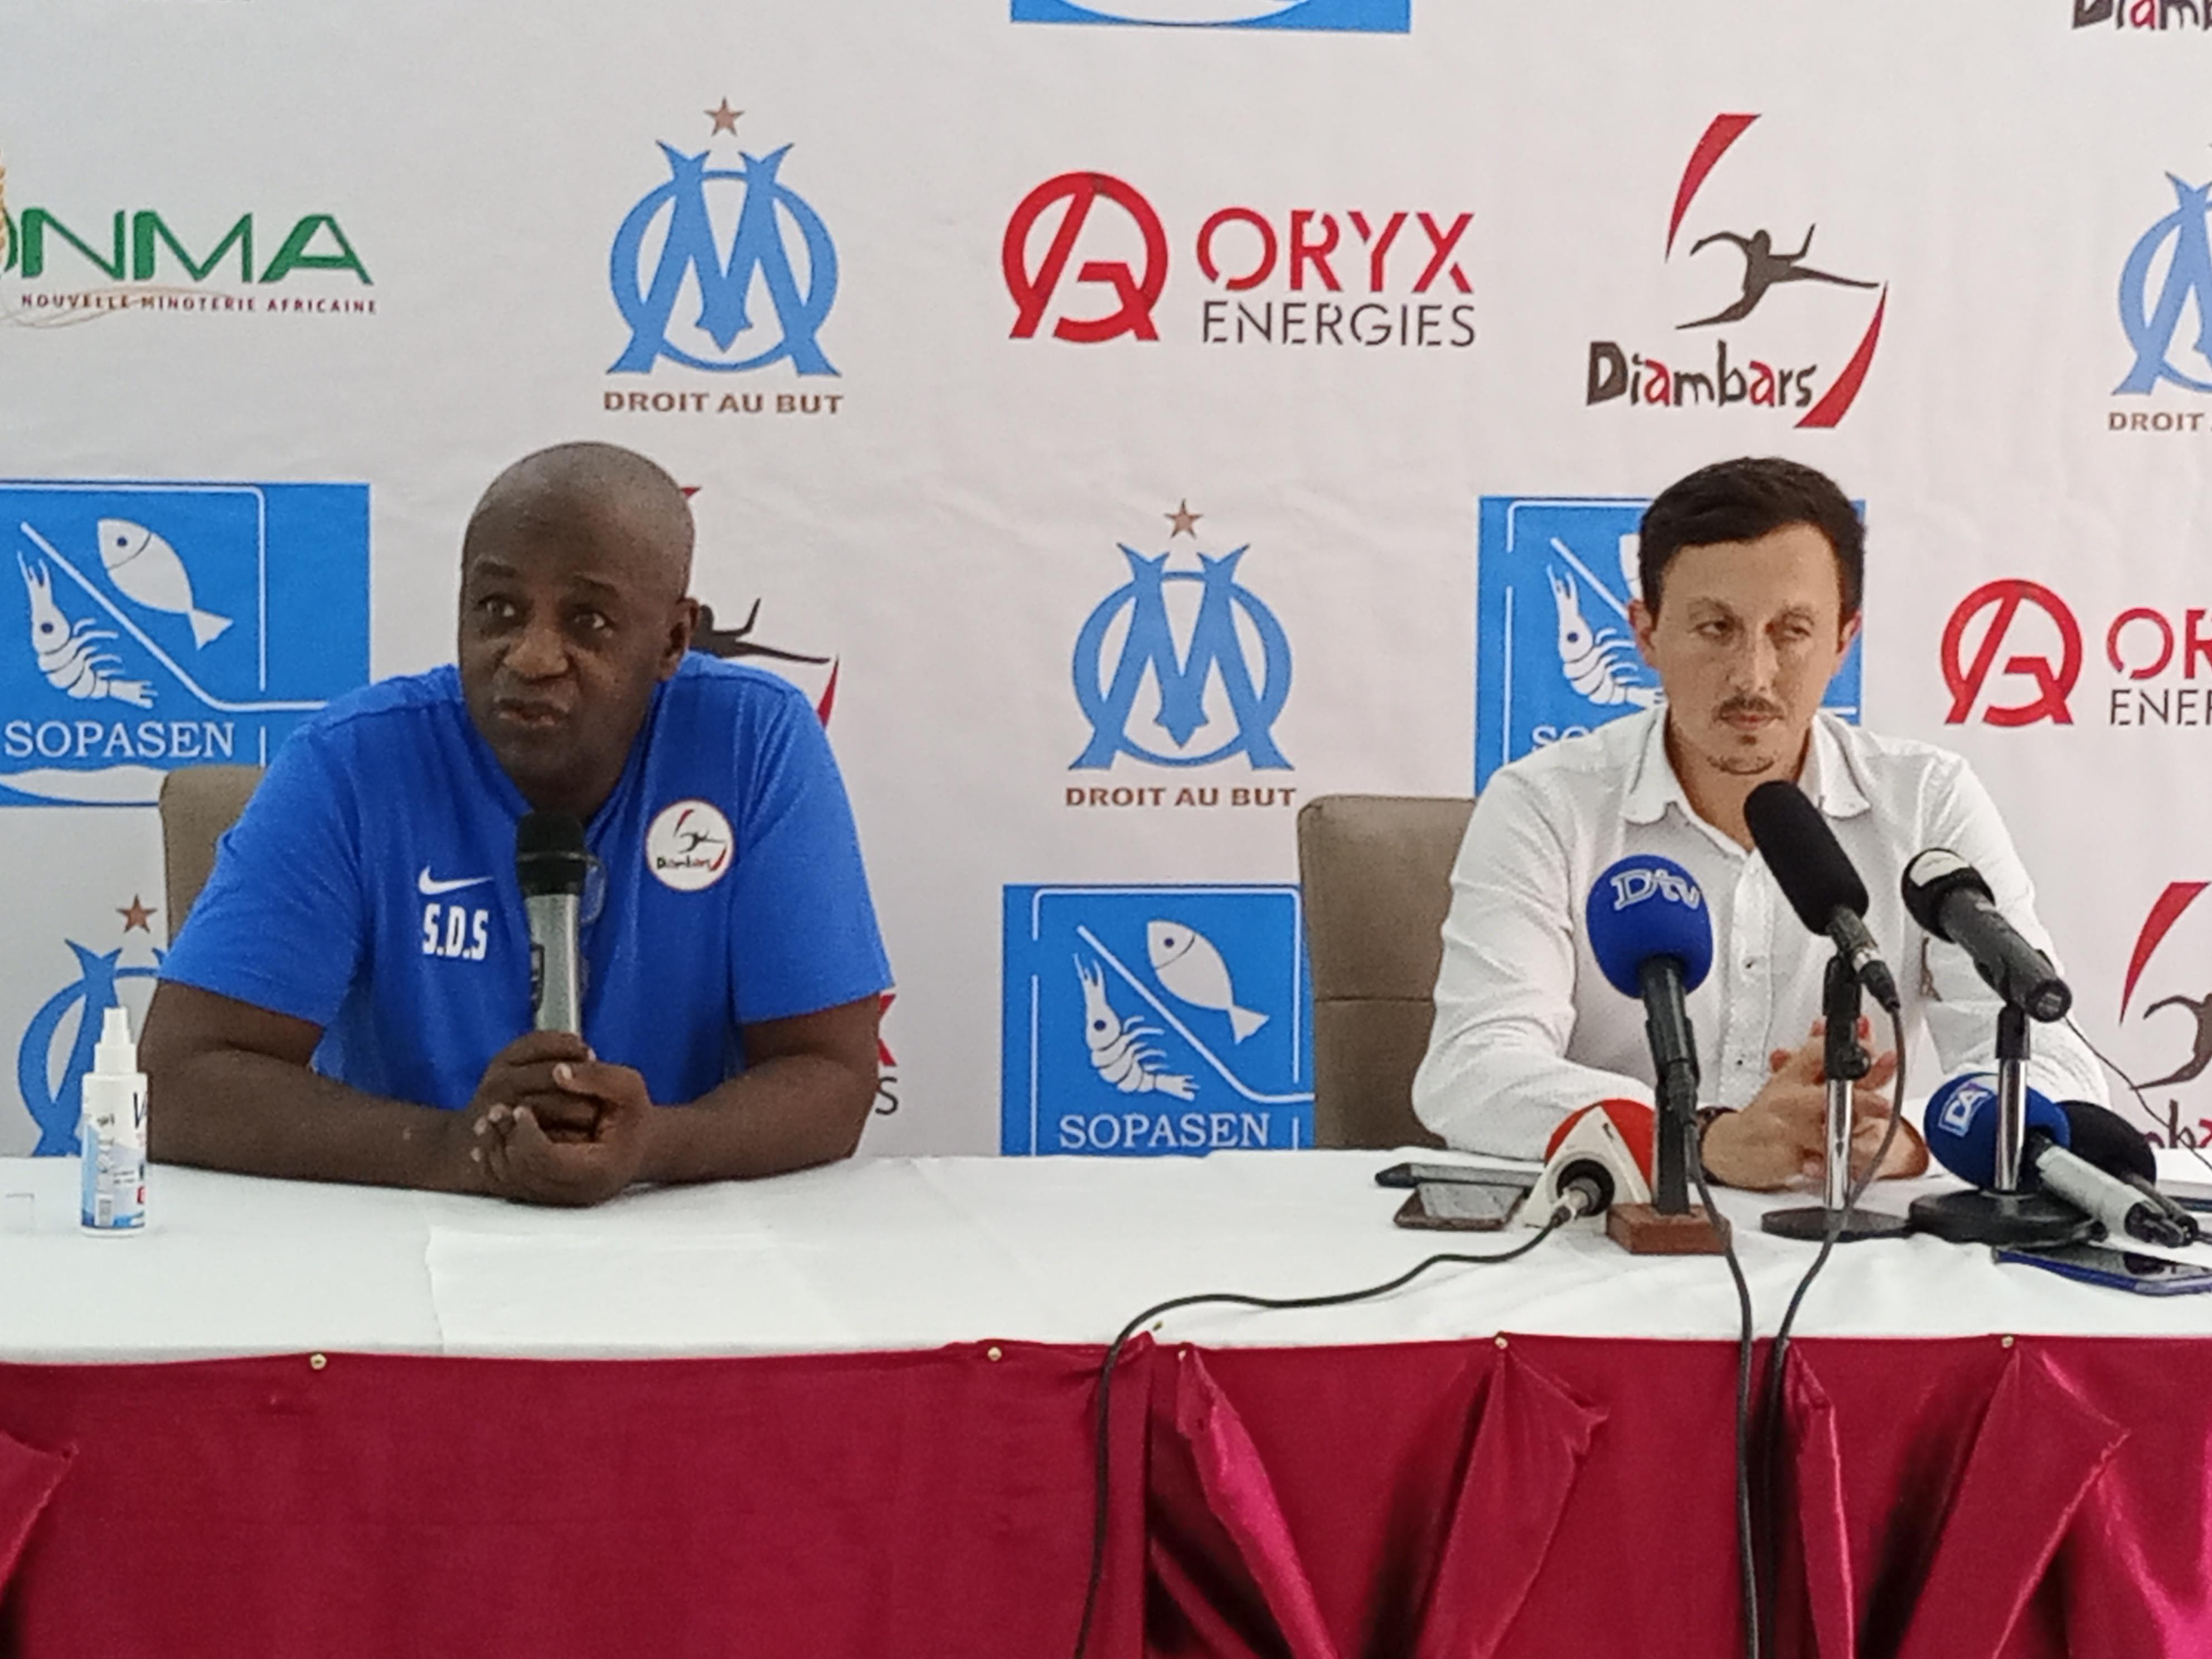 Mbour : Les grandes lignes de la rencontre animée par le président de l'Institut Diambars et celui de l'Olympique de Marseille.